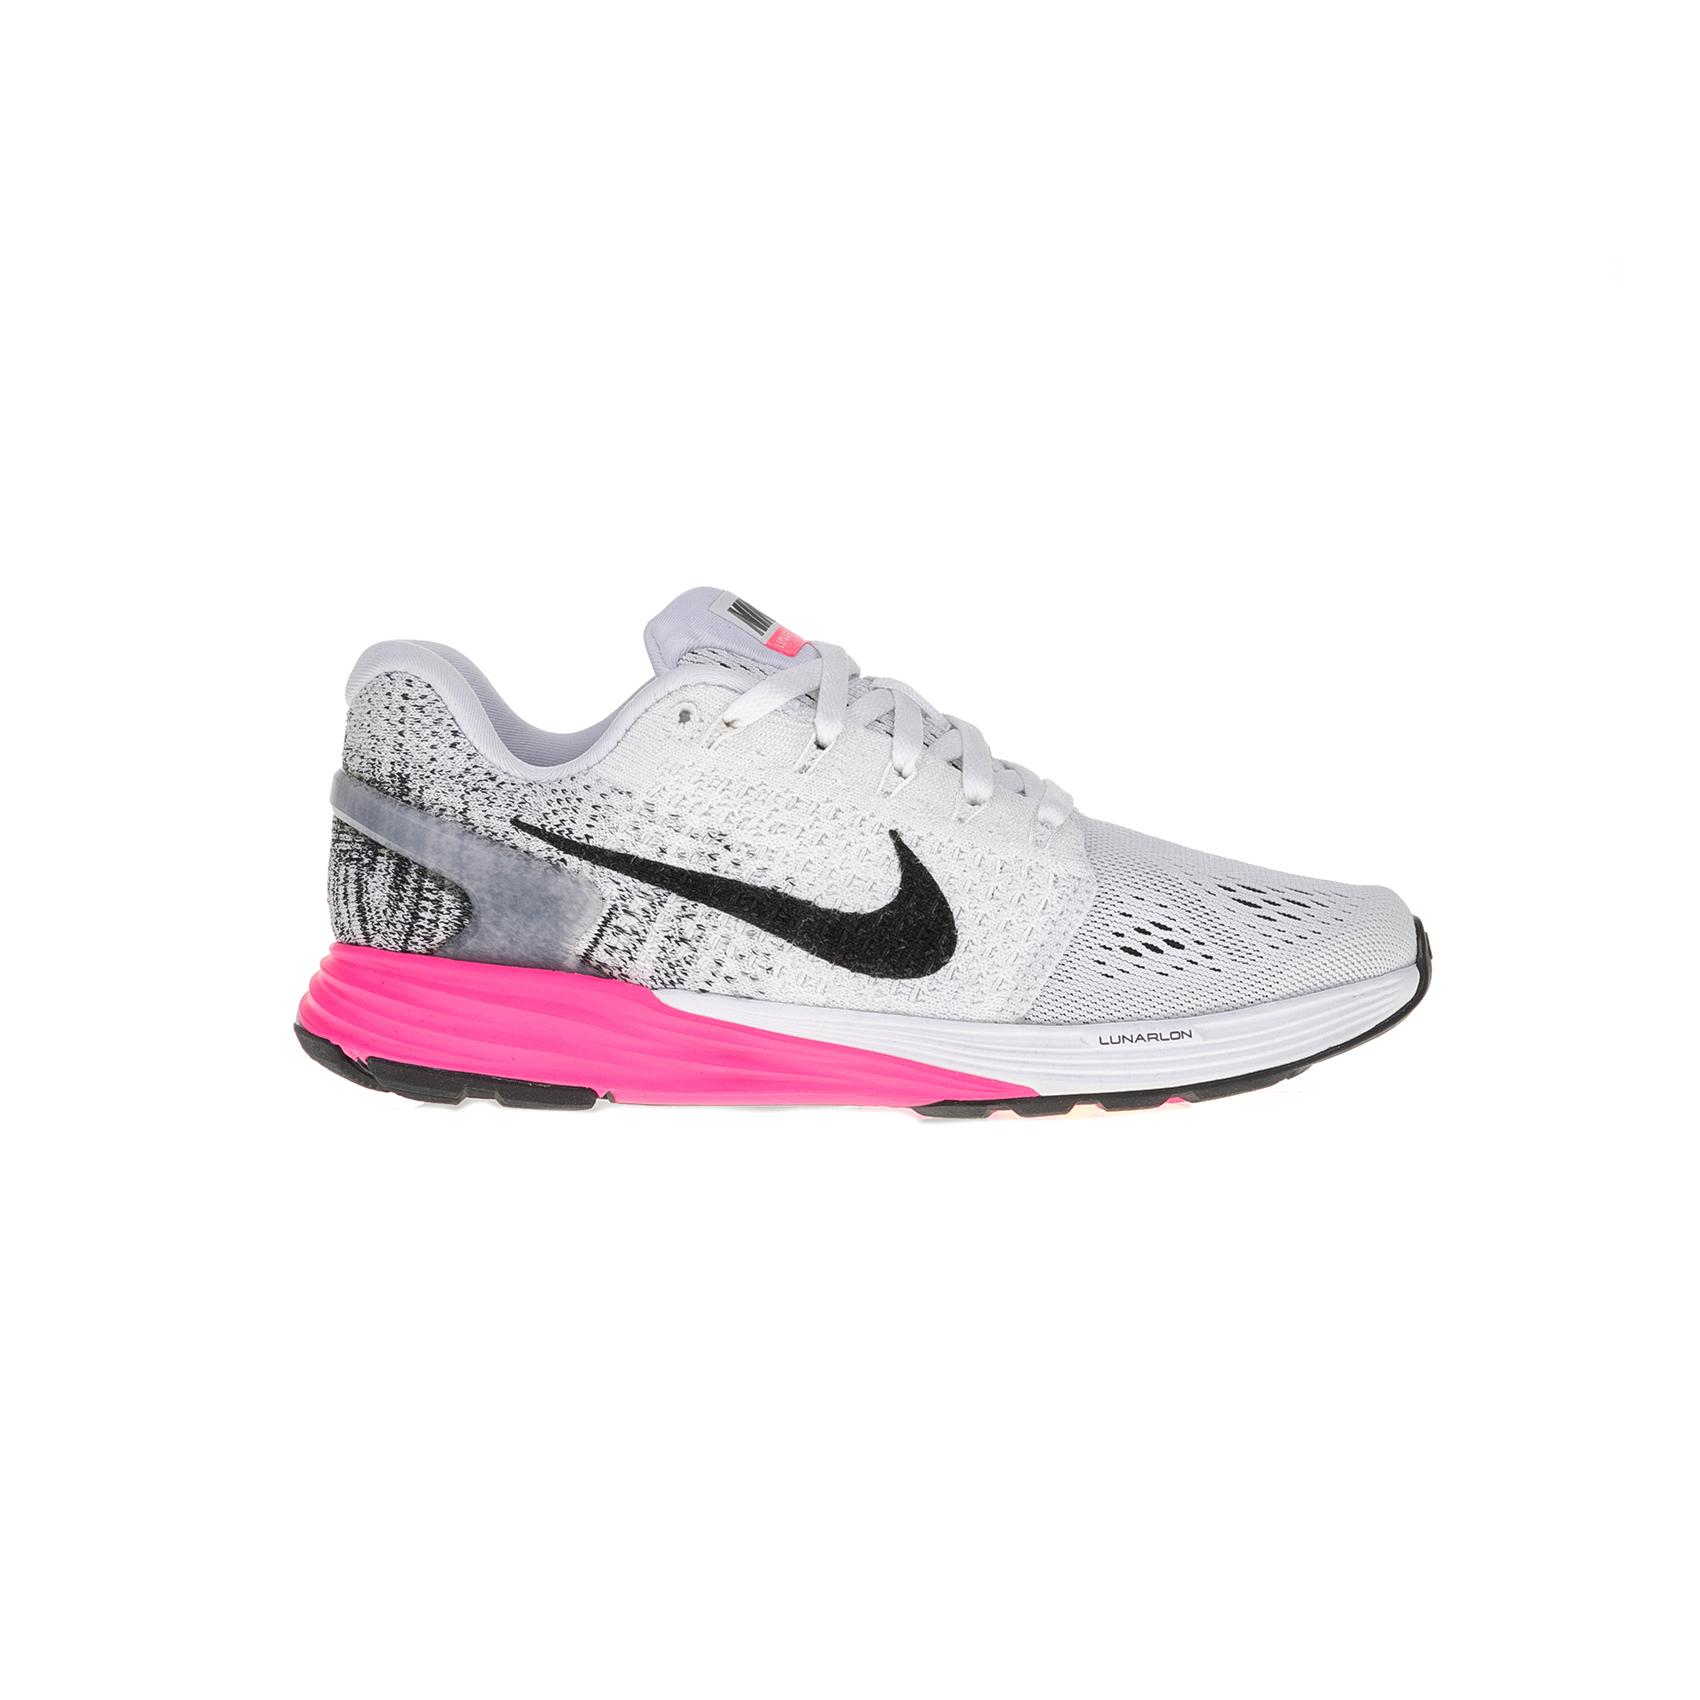 NIKE - Γυναικεία παπούτσια NIKE LUNARGLIDE 7 γκρι-ροζ γυναικεία παπούτσια αθλητικά running